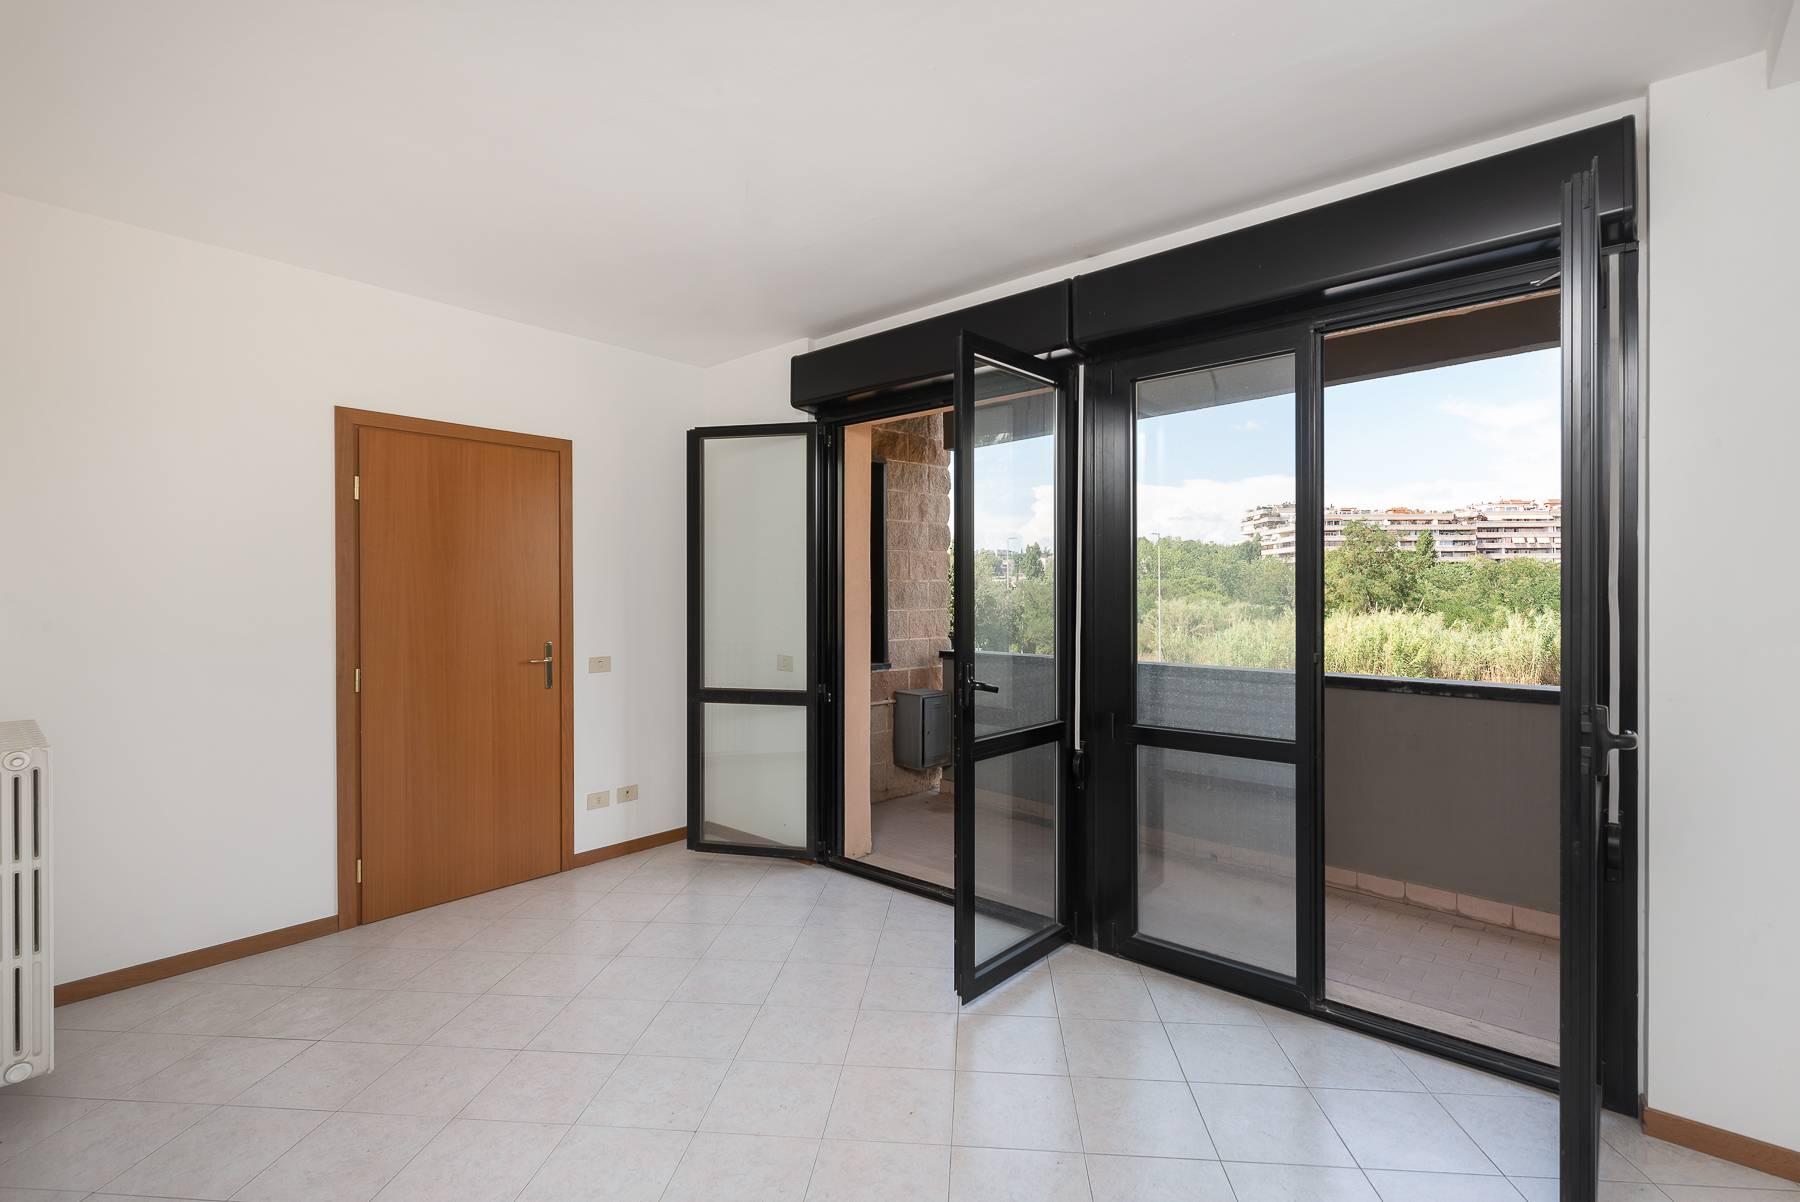 Appartamento in Vendita a Roma 19 Ardeatino / Grotta Perfetta / Fonte Meravigliosa: 5 locali, 101 mq